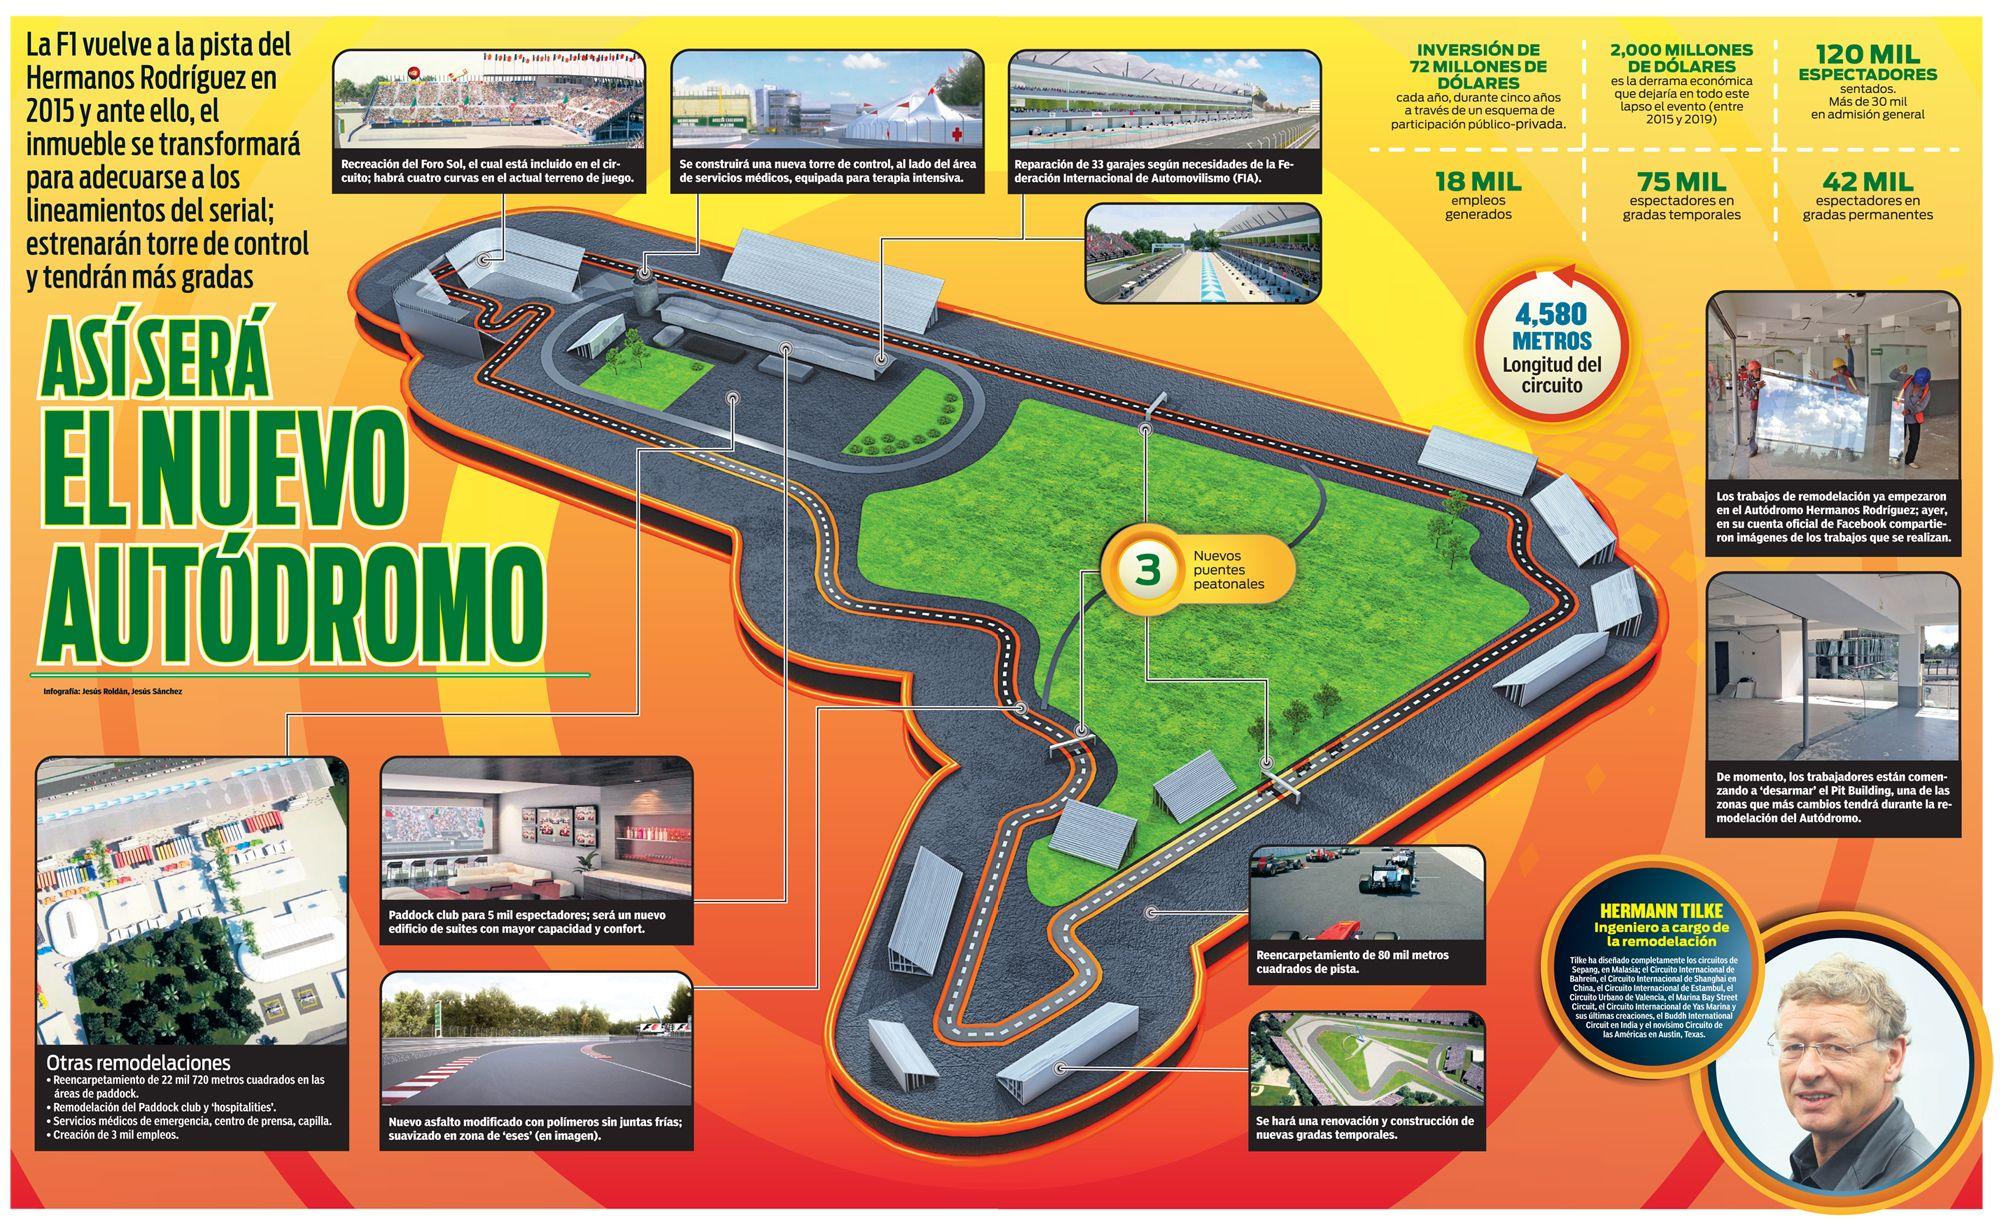 La Fórmula Uno vuelve a México y el Autódromo Hermanos Rodríguez se modernizará; checa los cambios rumbo al 2015